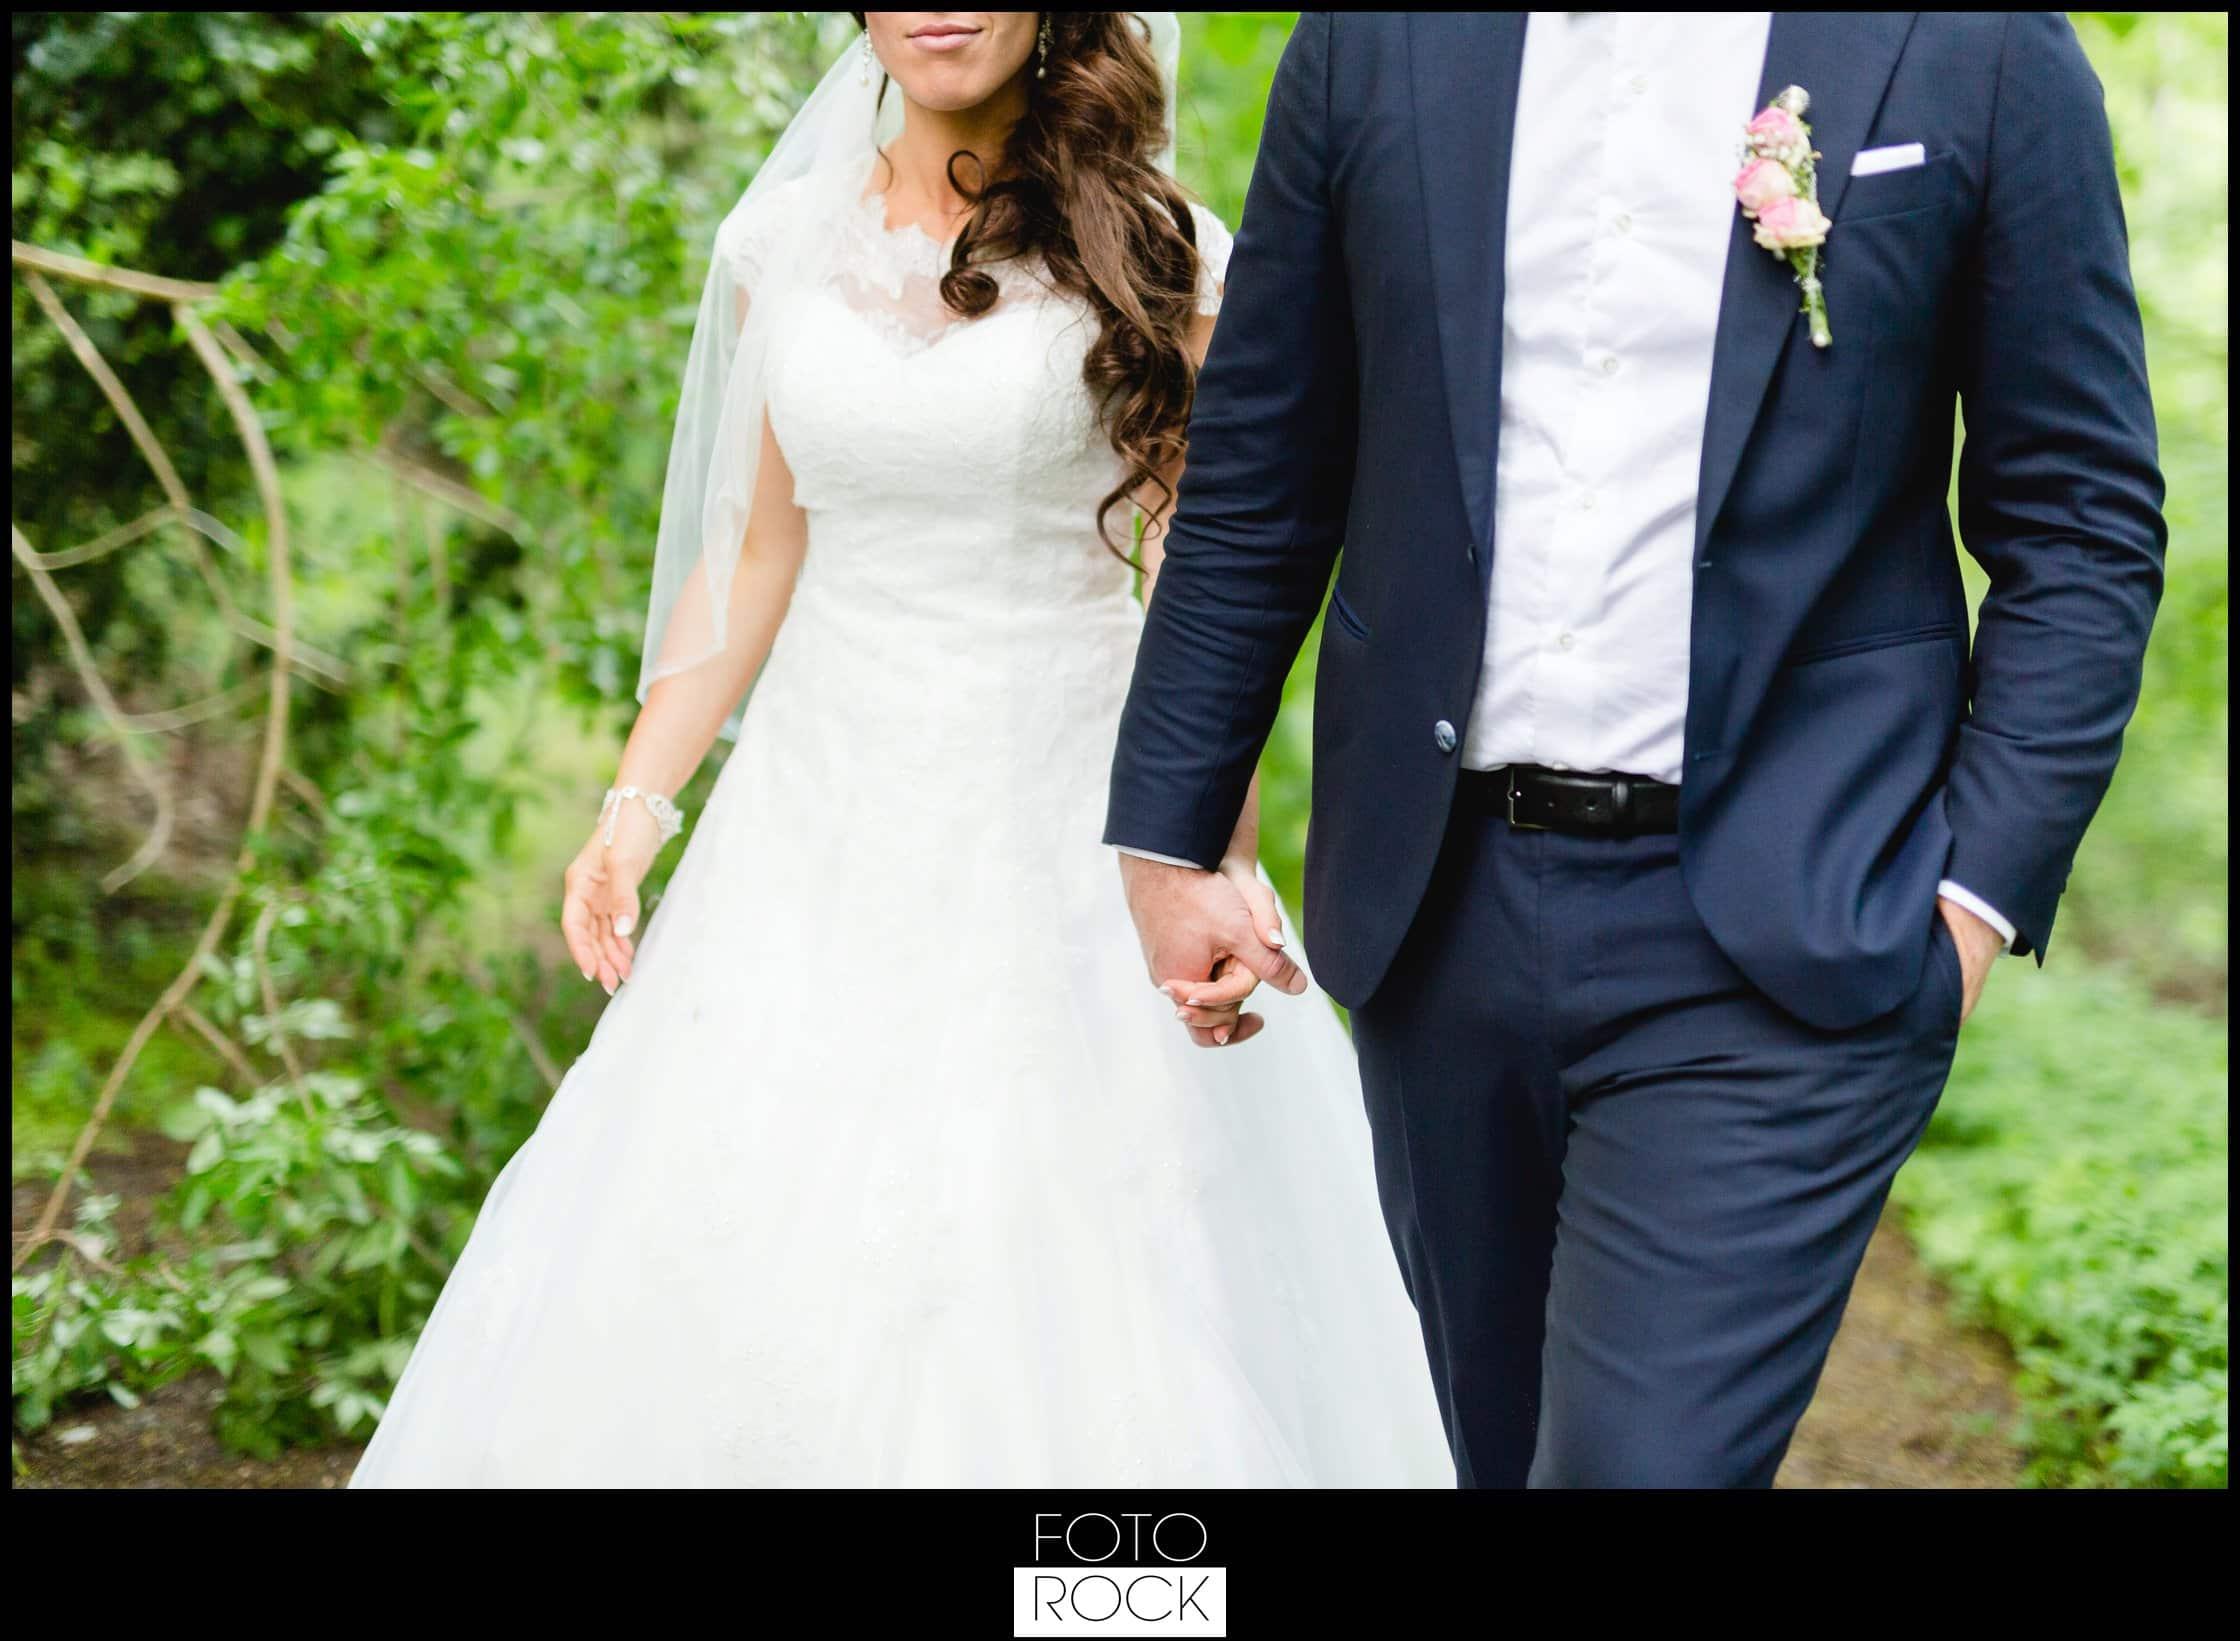 Hochzeit Lilienhof Ihringen Fotoshooting Photoshooting Brautpaar Hände